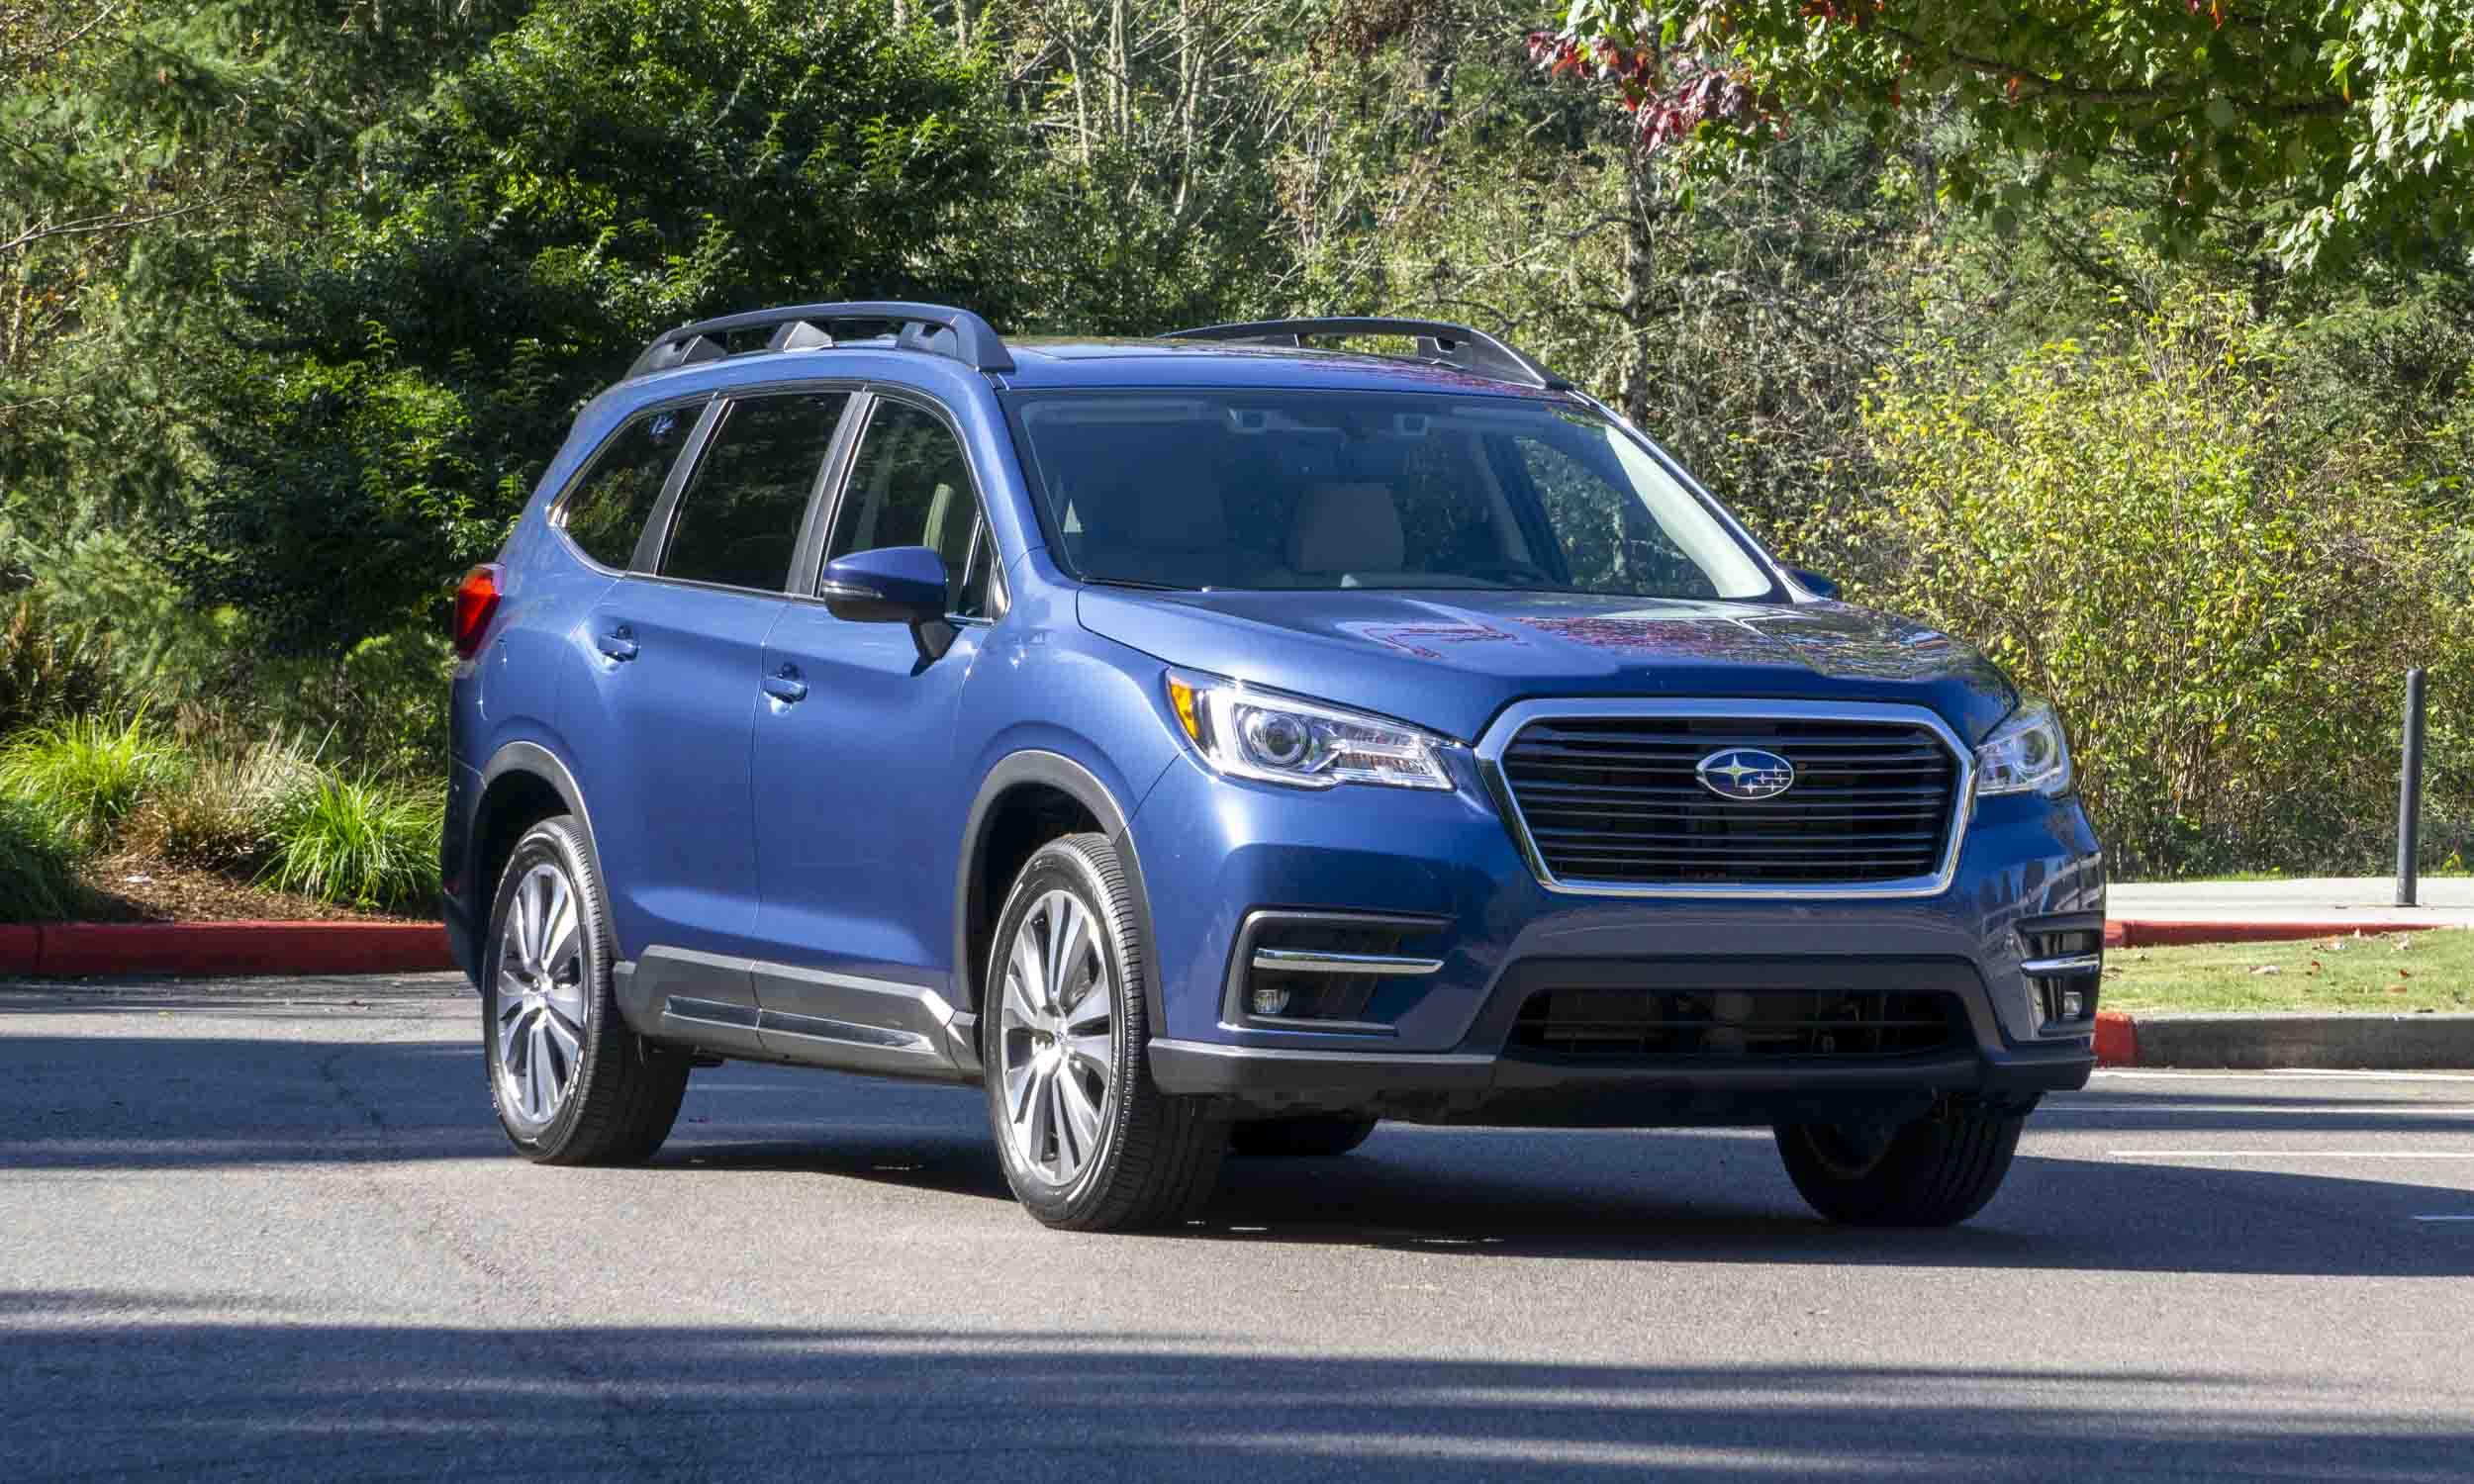 2020 Subaru Ascent Reviewnbsp